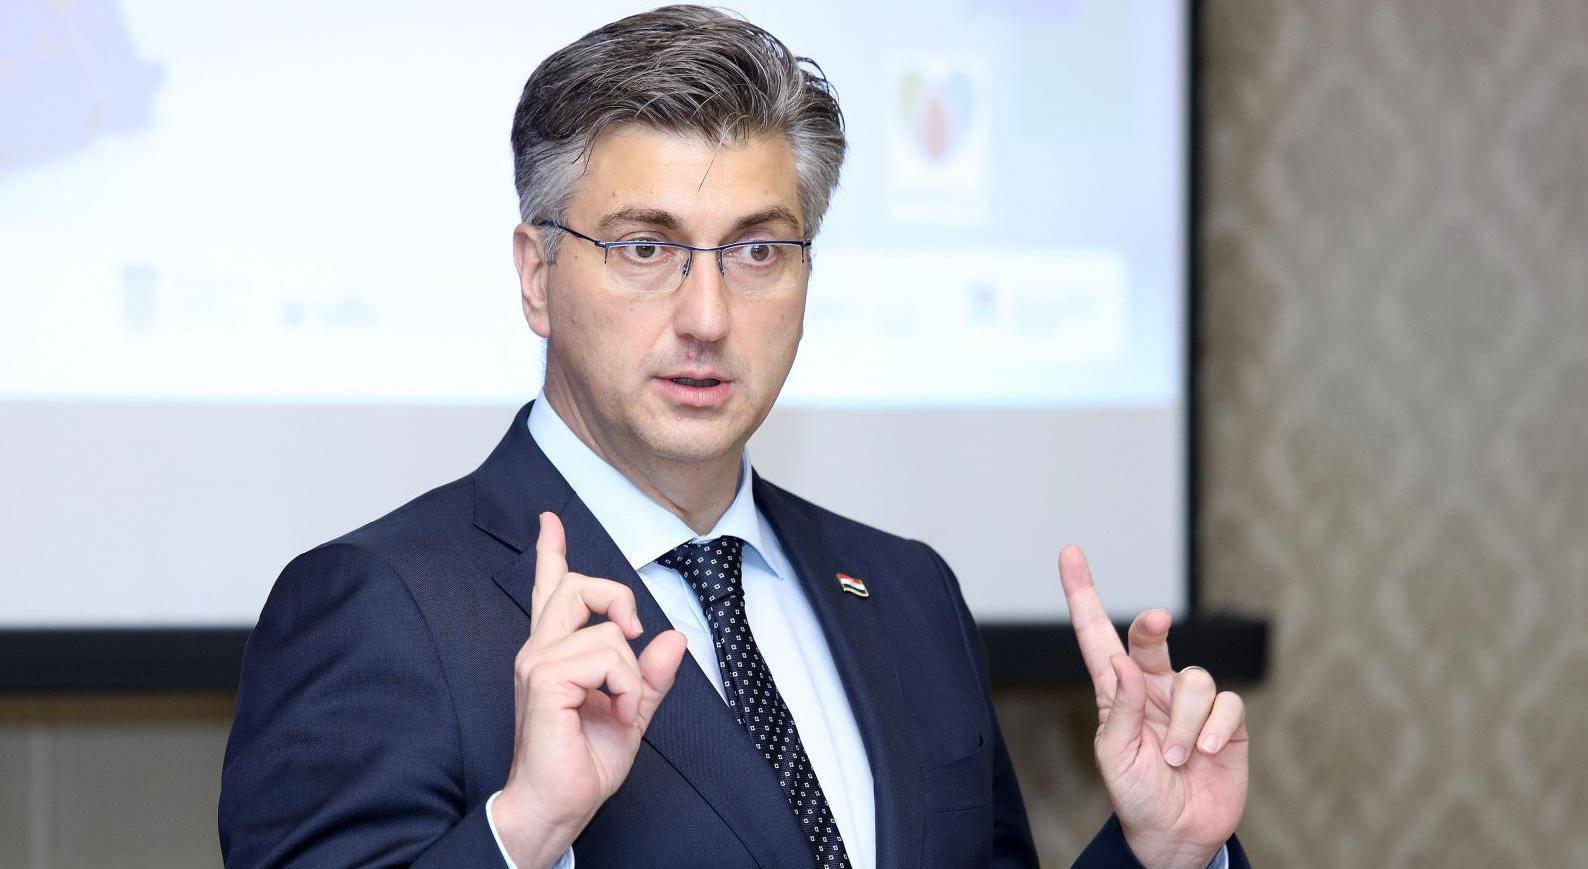 Zagreb: Potpisivanje najvećeg, infrastrukturnog projekta iz područja znanosti i zdravstva u regiji